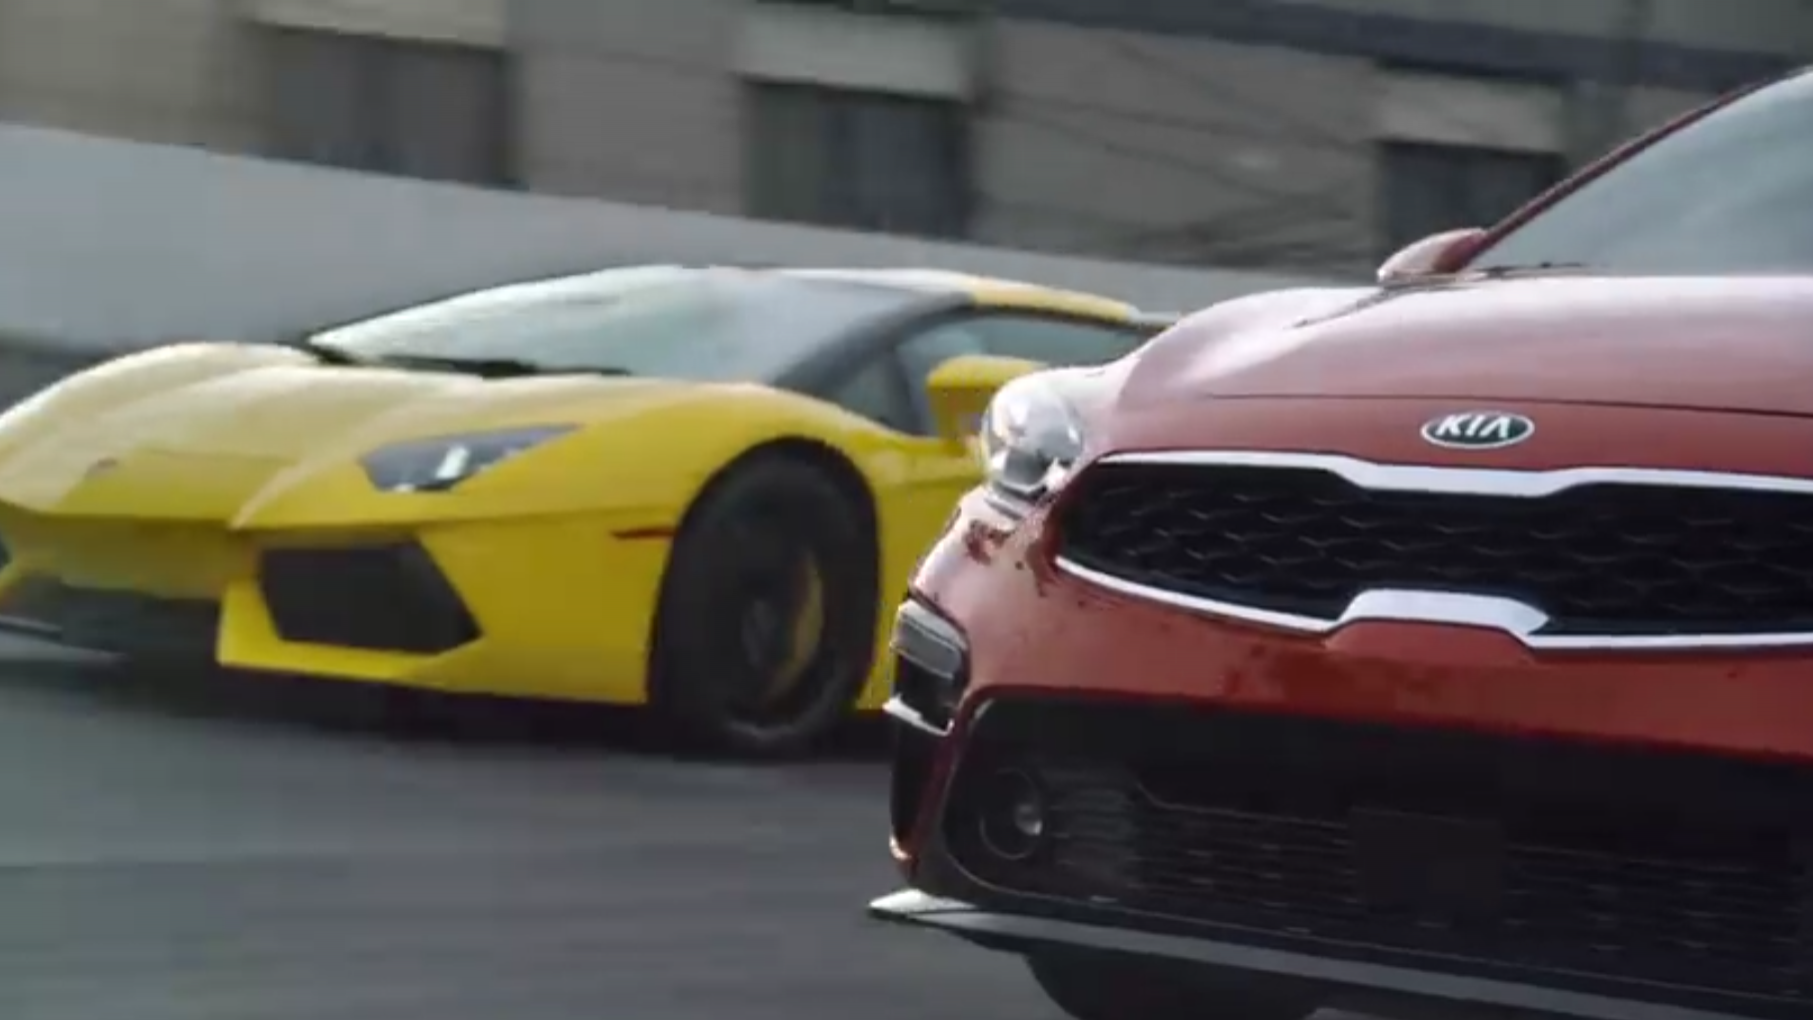 Como um Lamborghini pode ajudar a vender carros da Kia